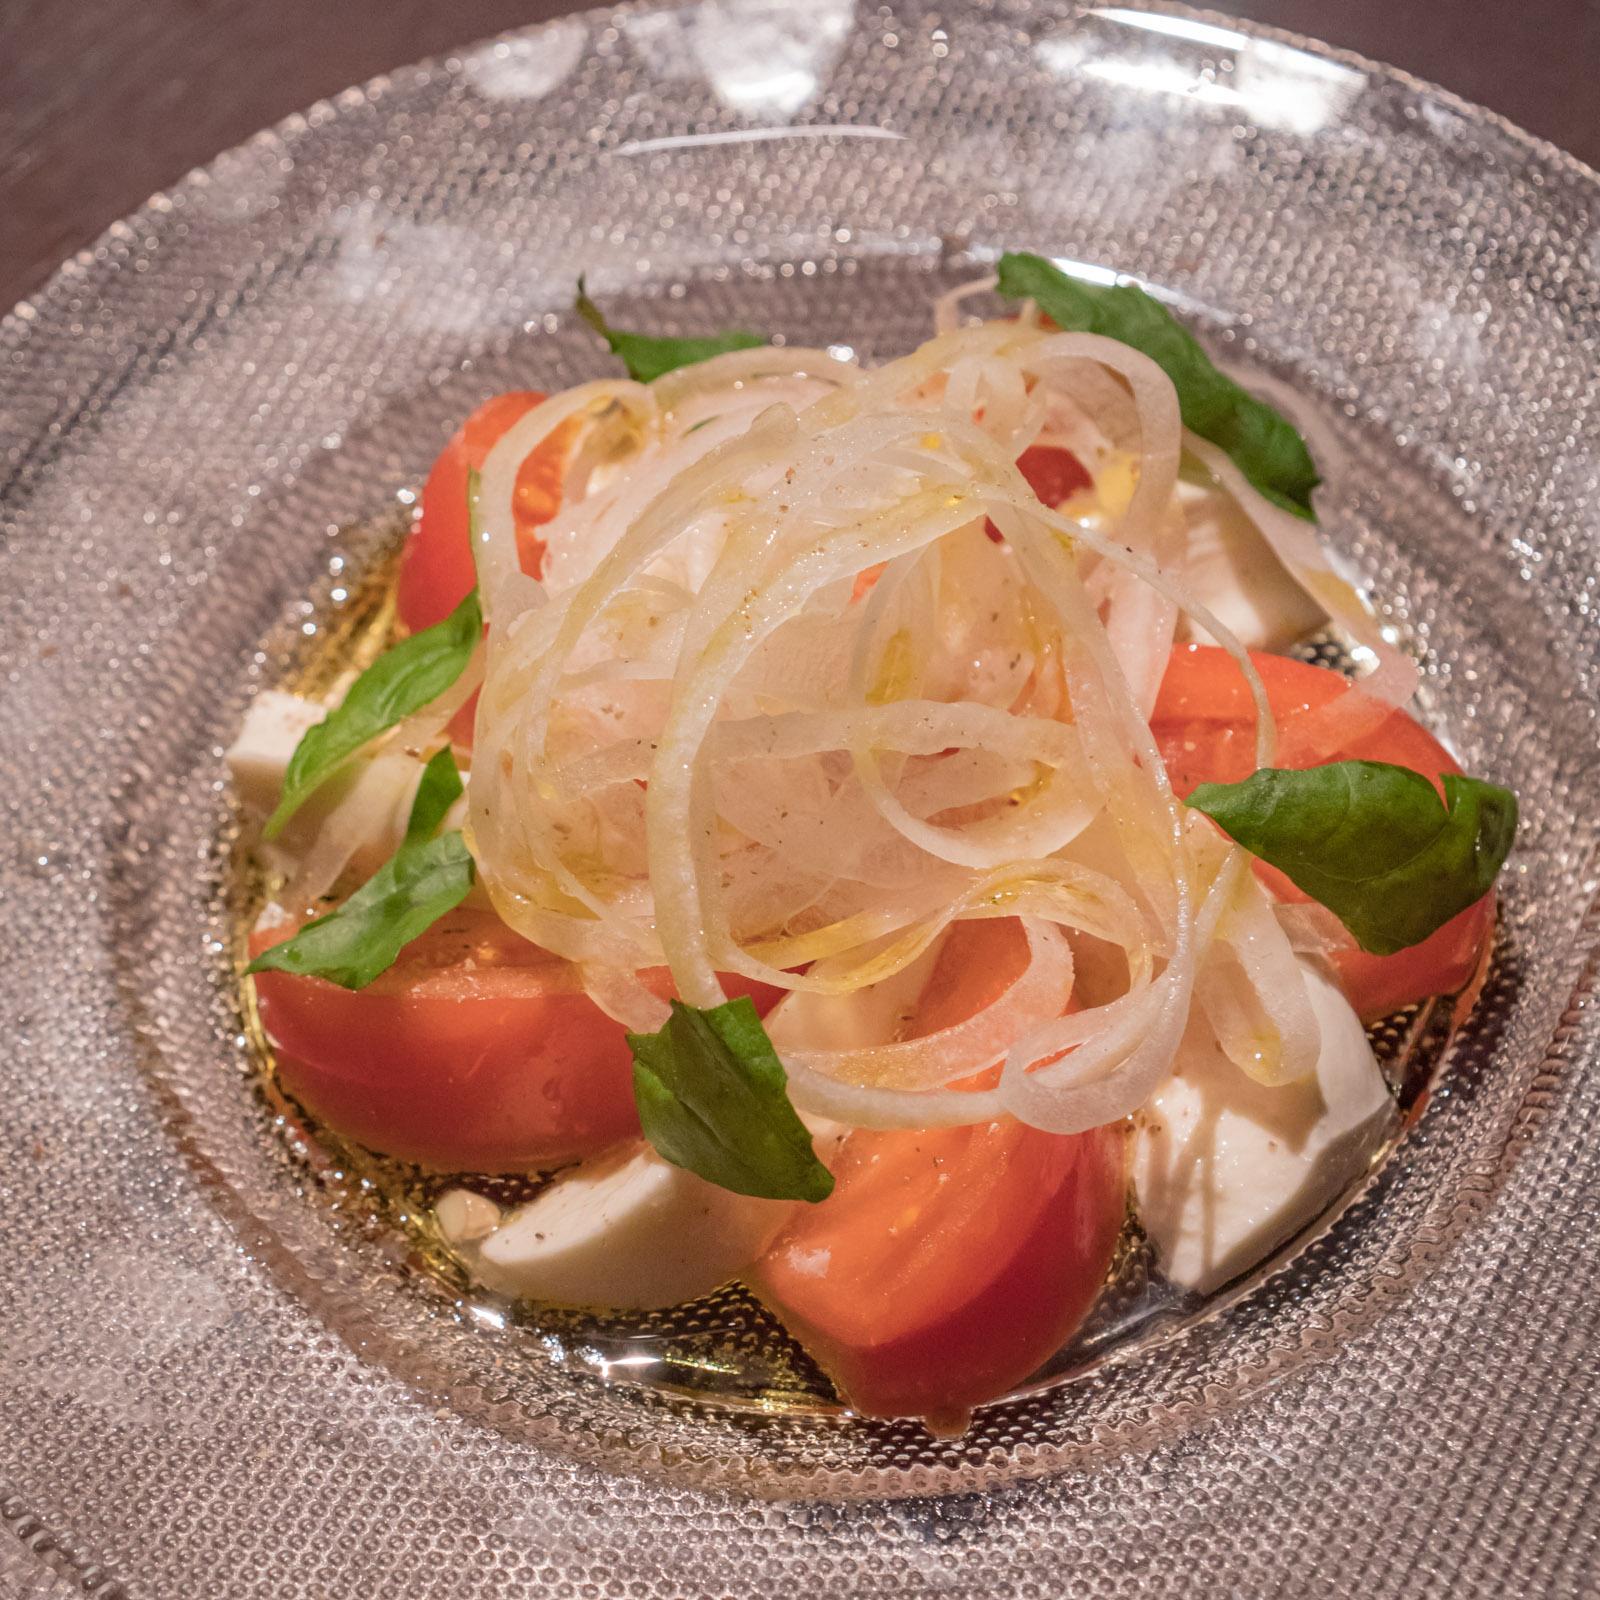 函館市本町「Ratna(ラトナ)」 モッツァレラとトマトのカプレーゼっぽい前菜